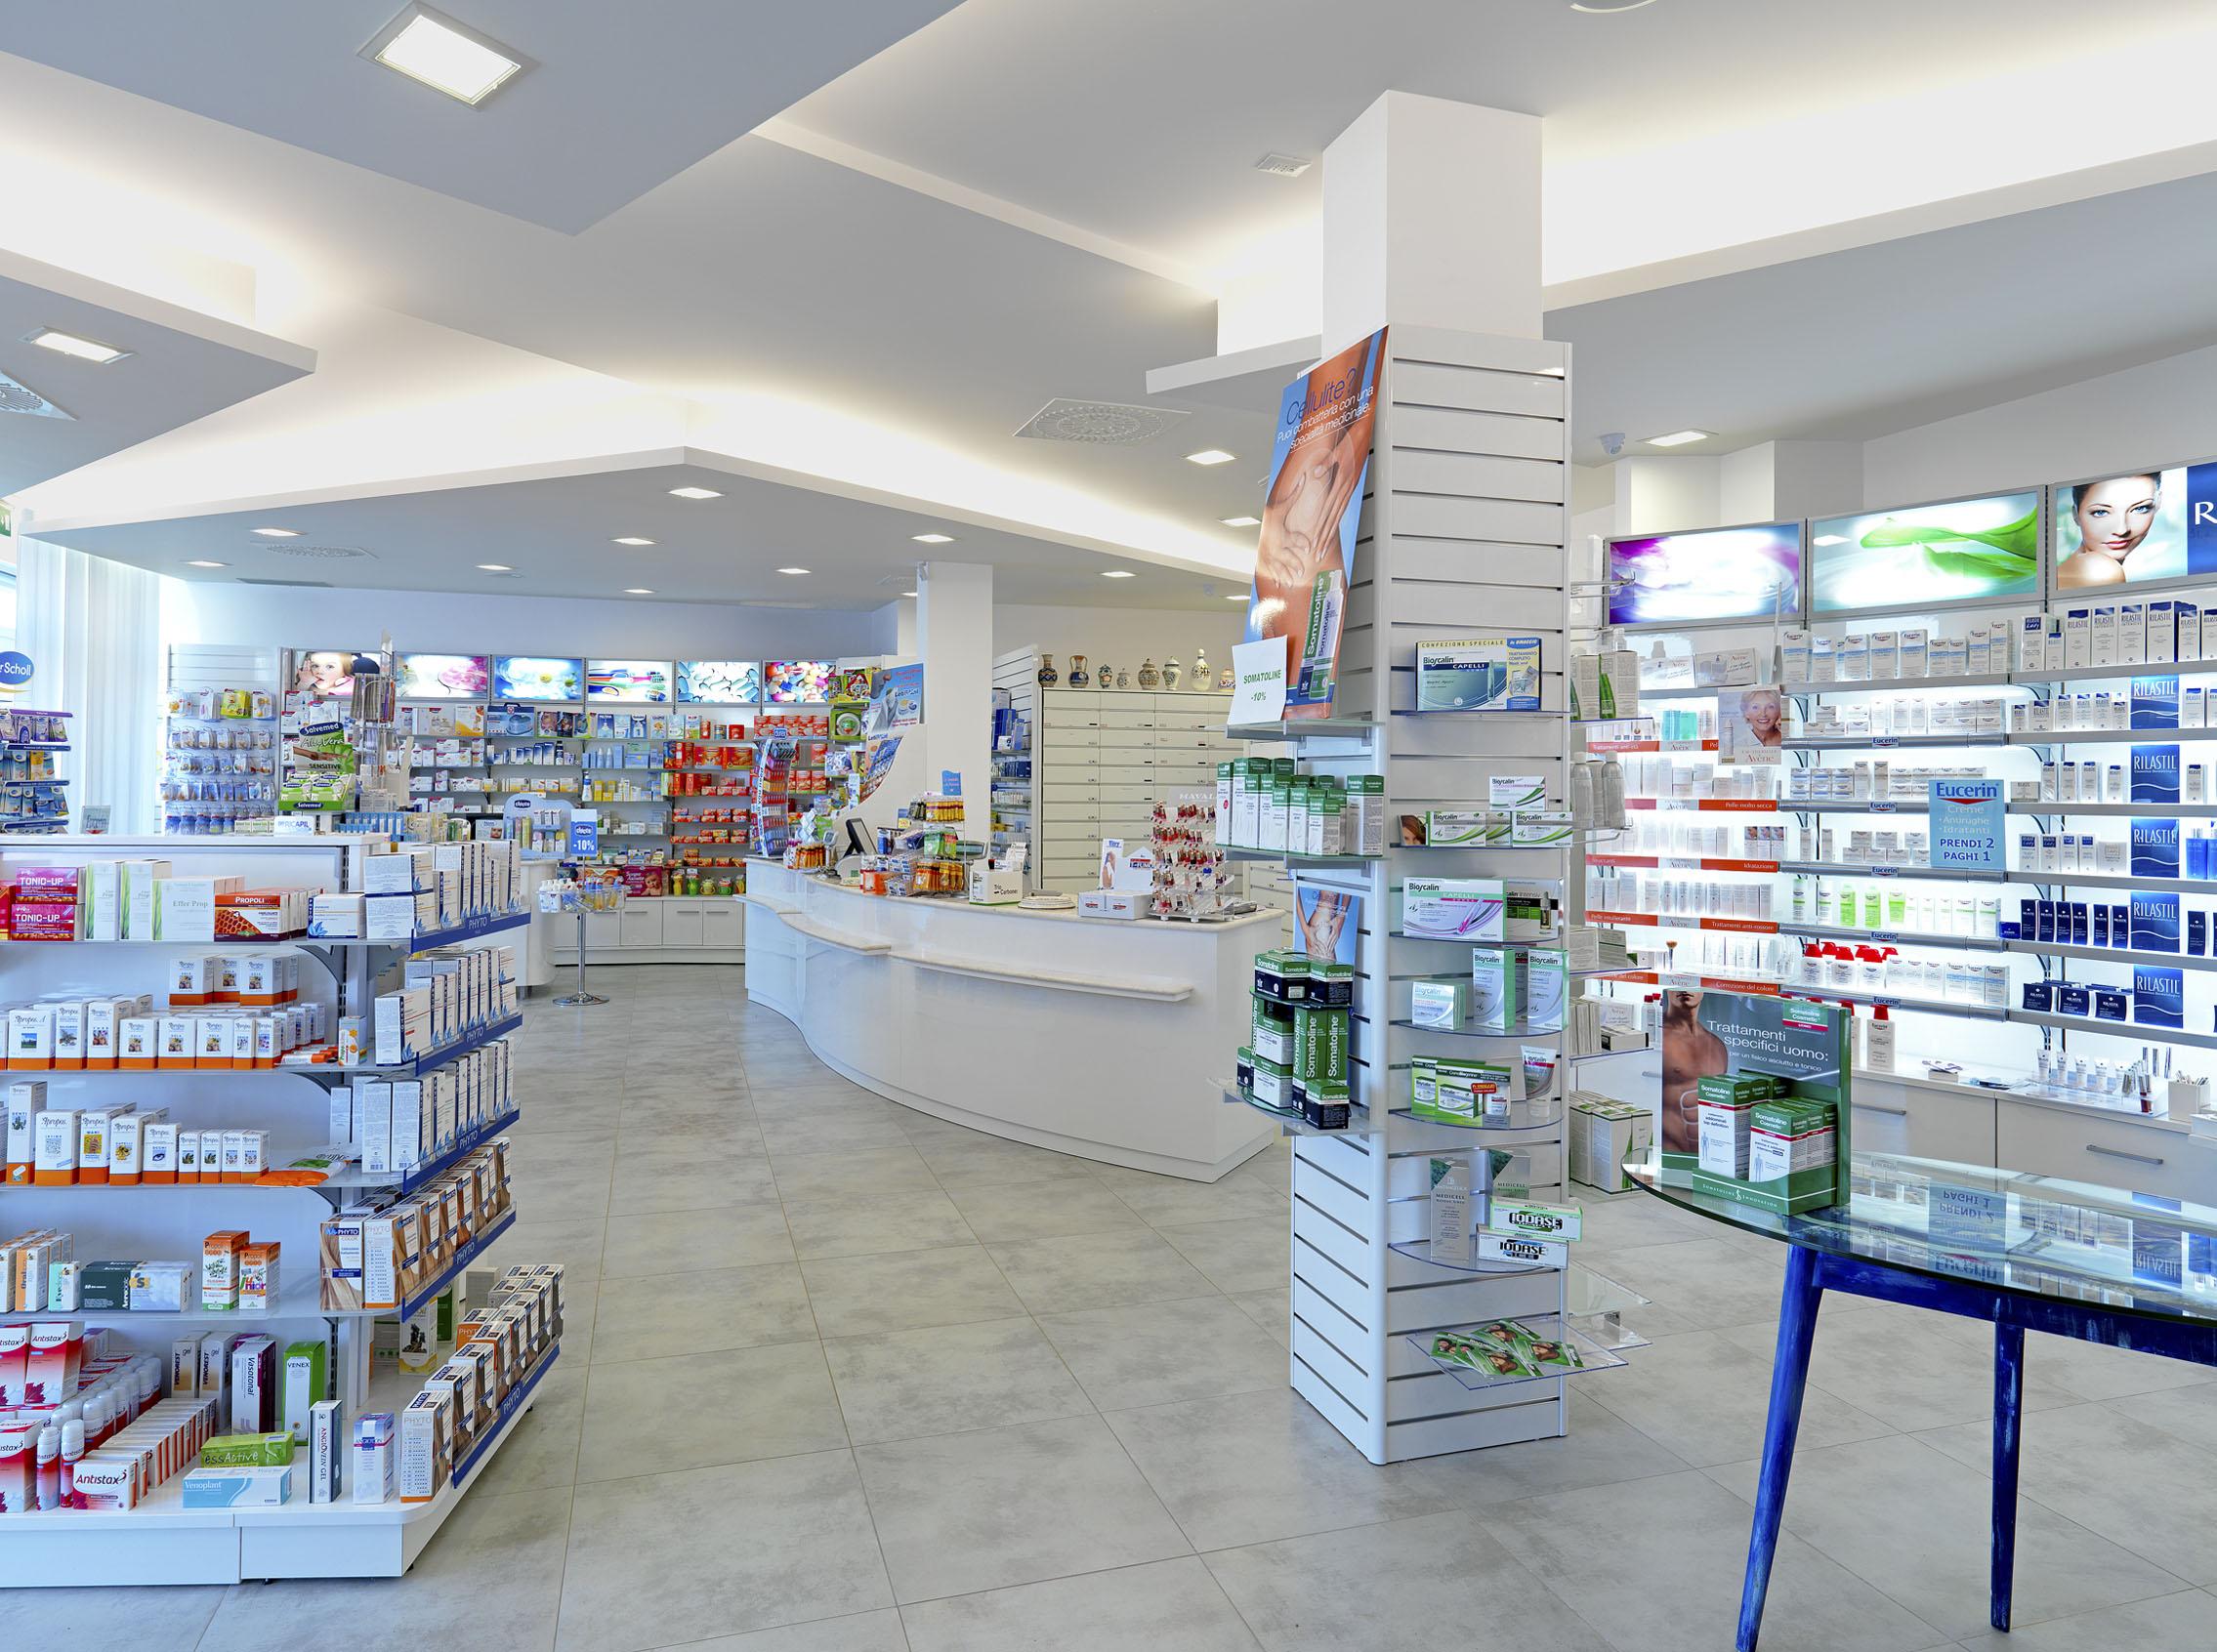 Sume fabuloase incasate de lanturile de farmacii din for Arredamenti farmacie